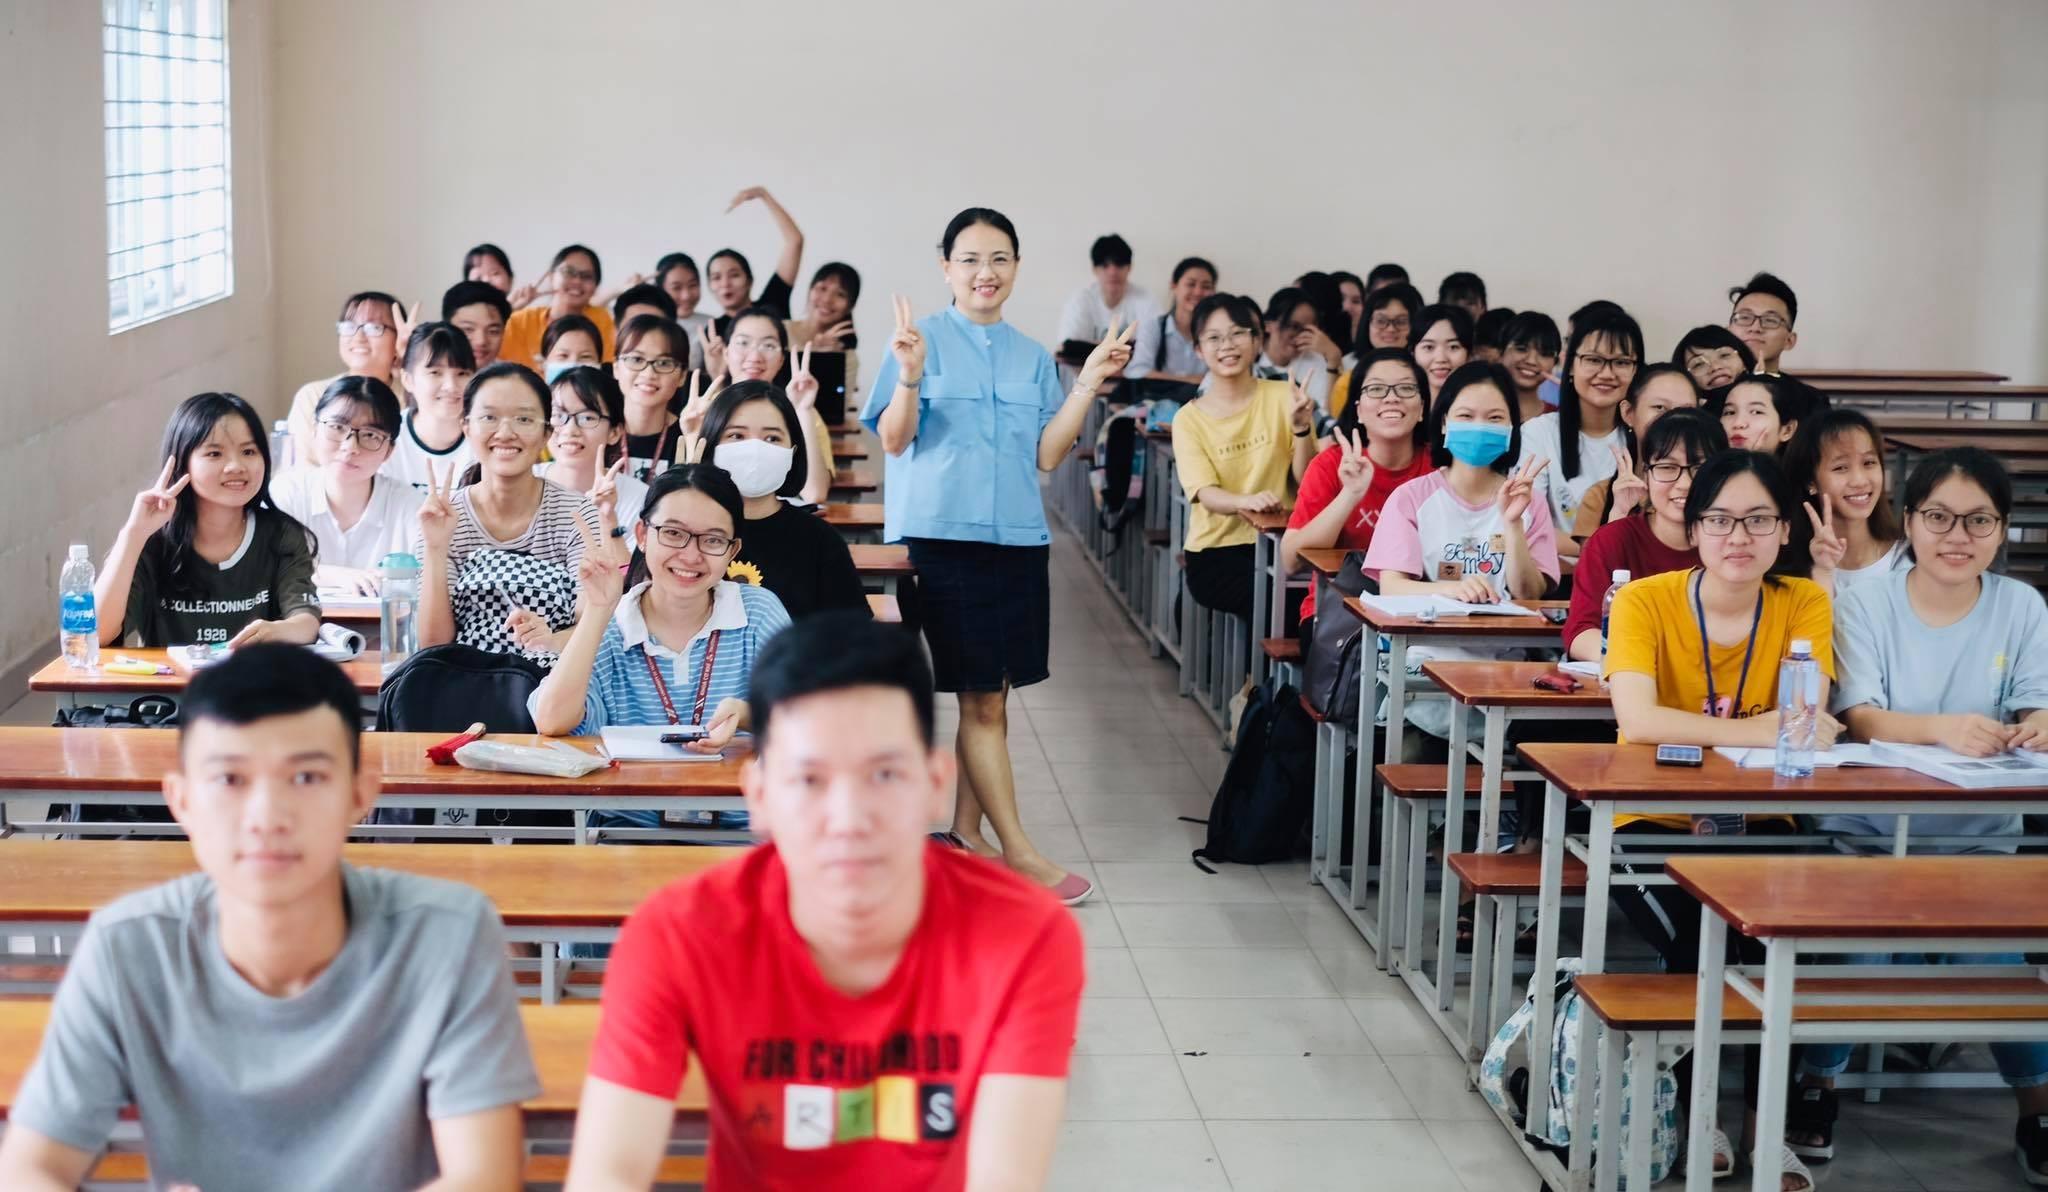 HCMUT students